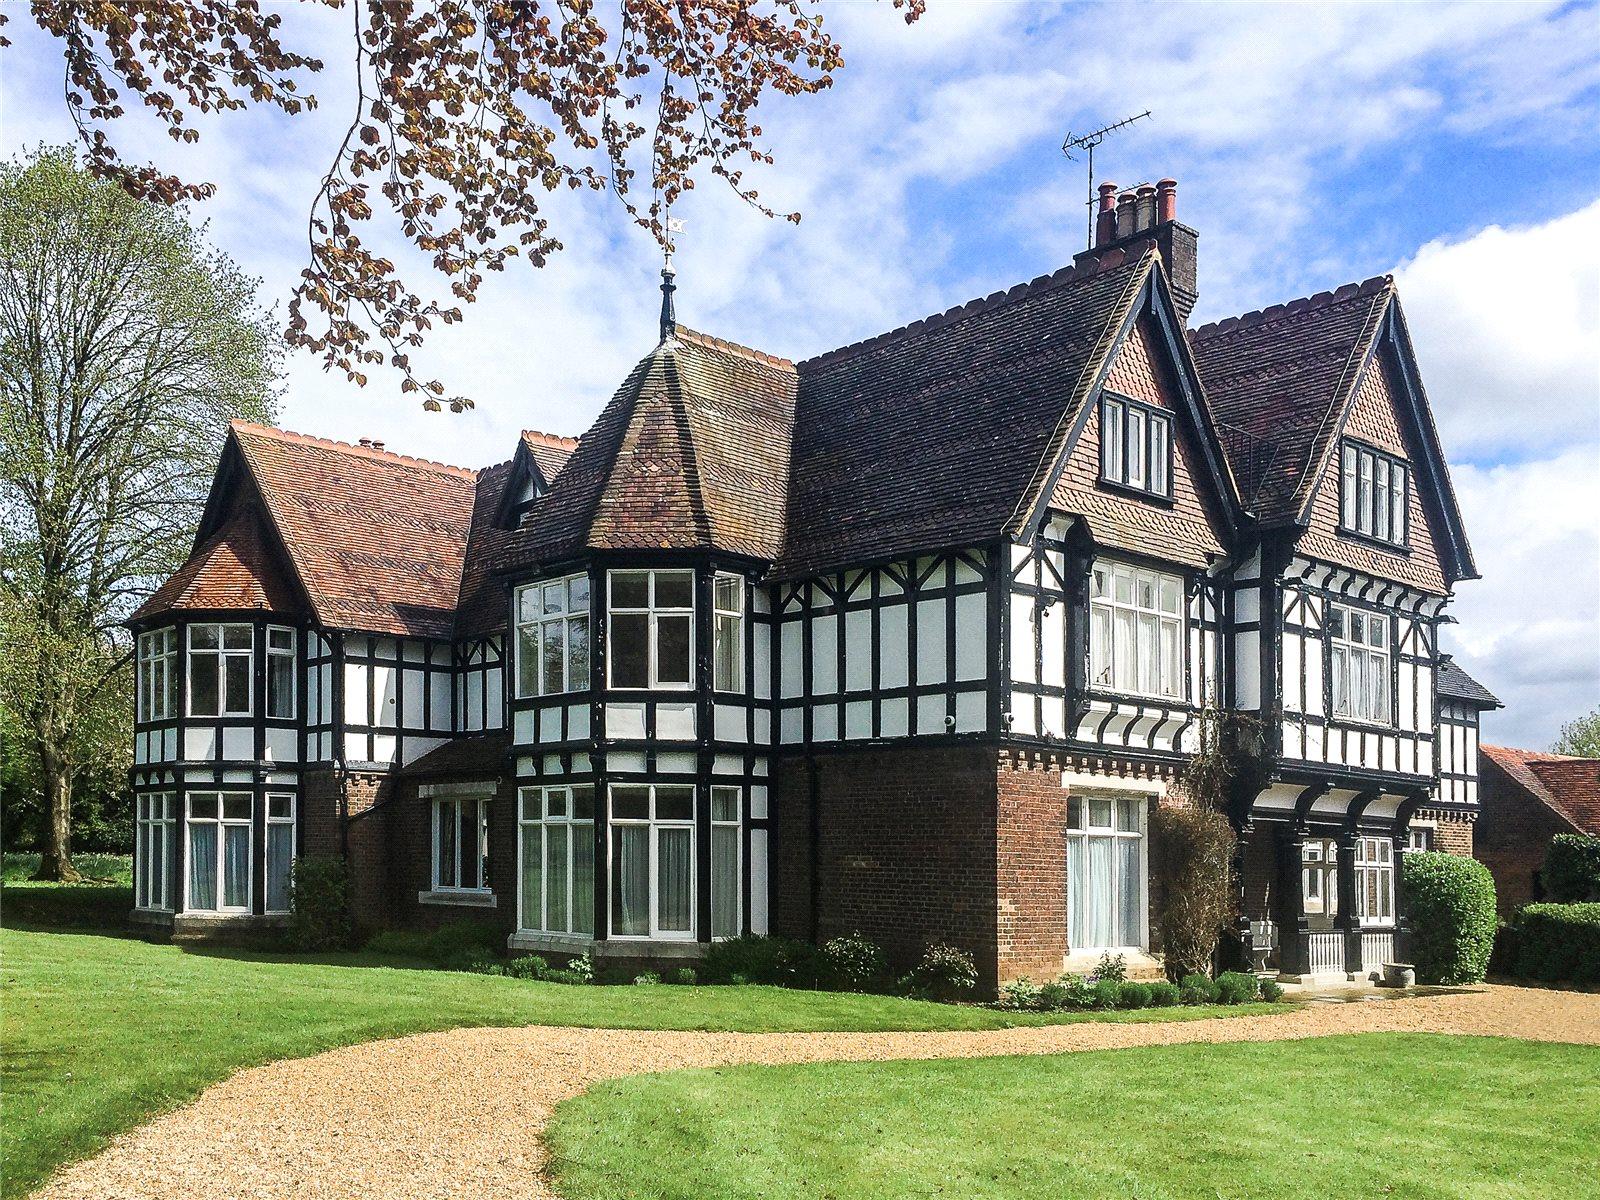 Single Family Home for Sale at Ayres End Lane, Harpenden, Hertfordshire, AL5 Harpenden, England